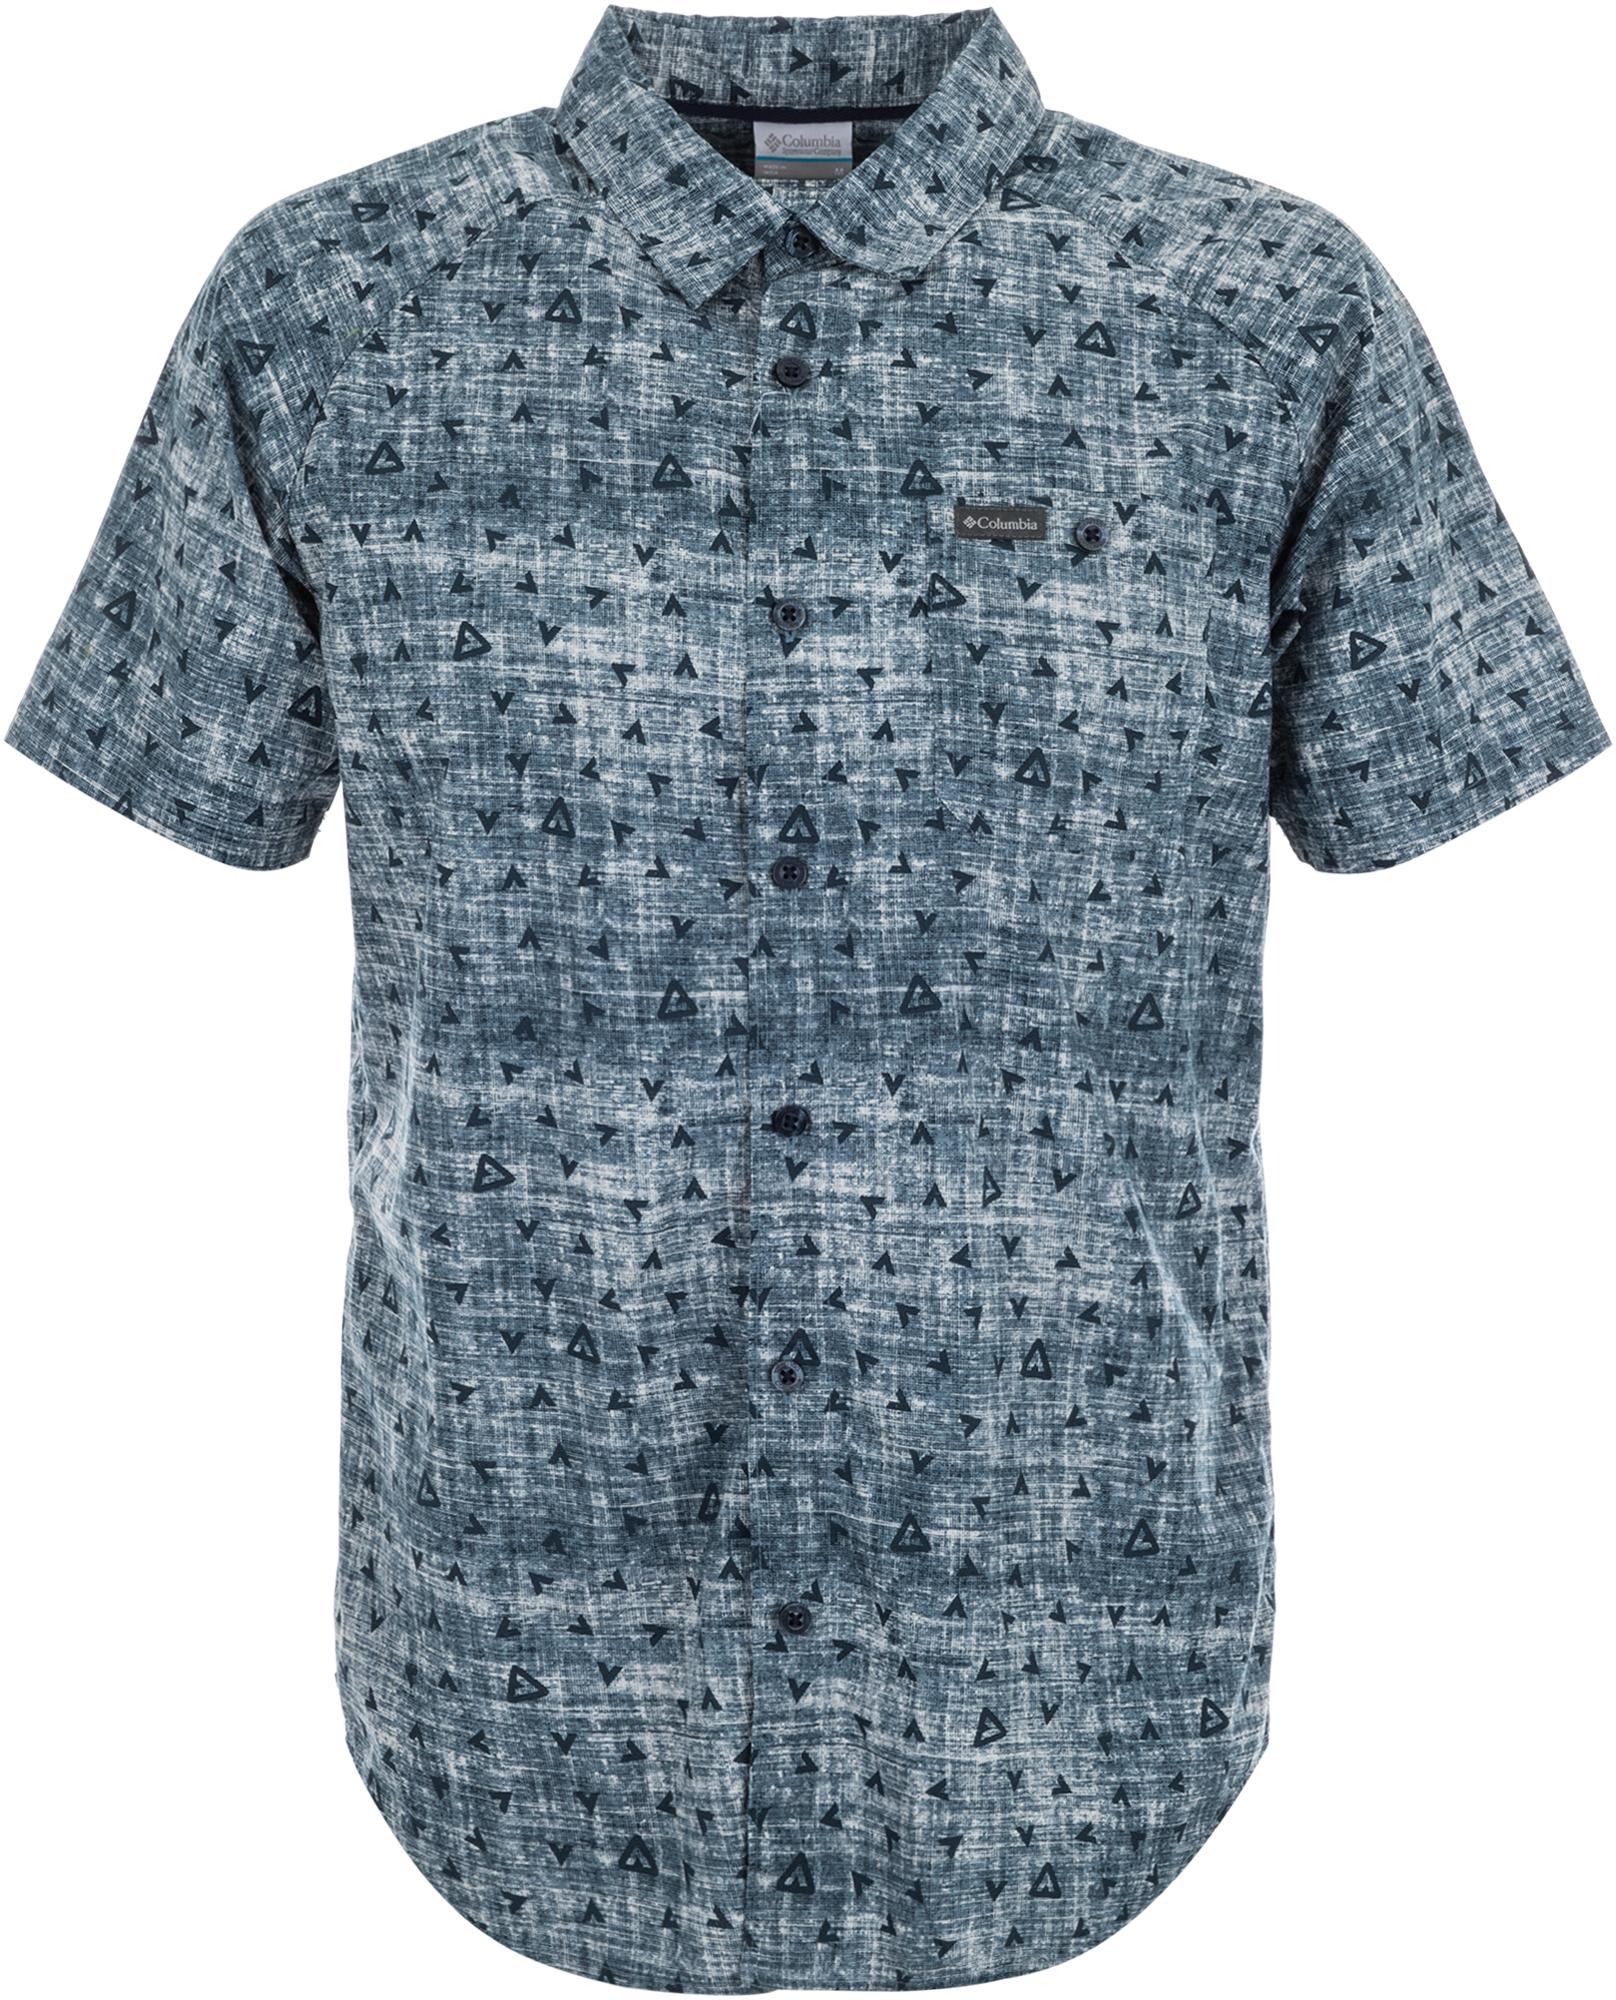 цена Columbia Рубашка мужская Columbia Brentyn Trail, размер 56-58 в интернет-магазинах